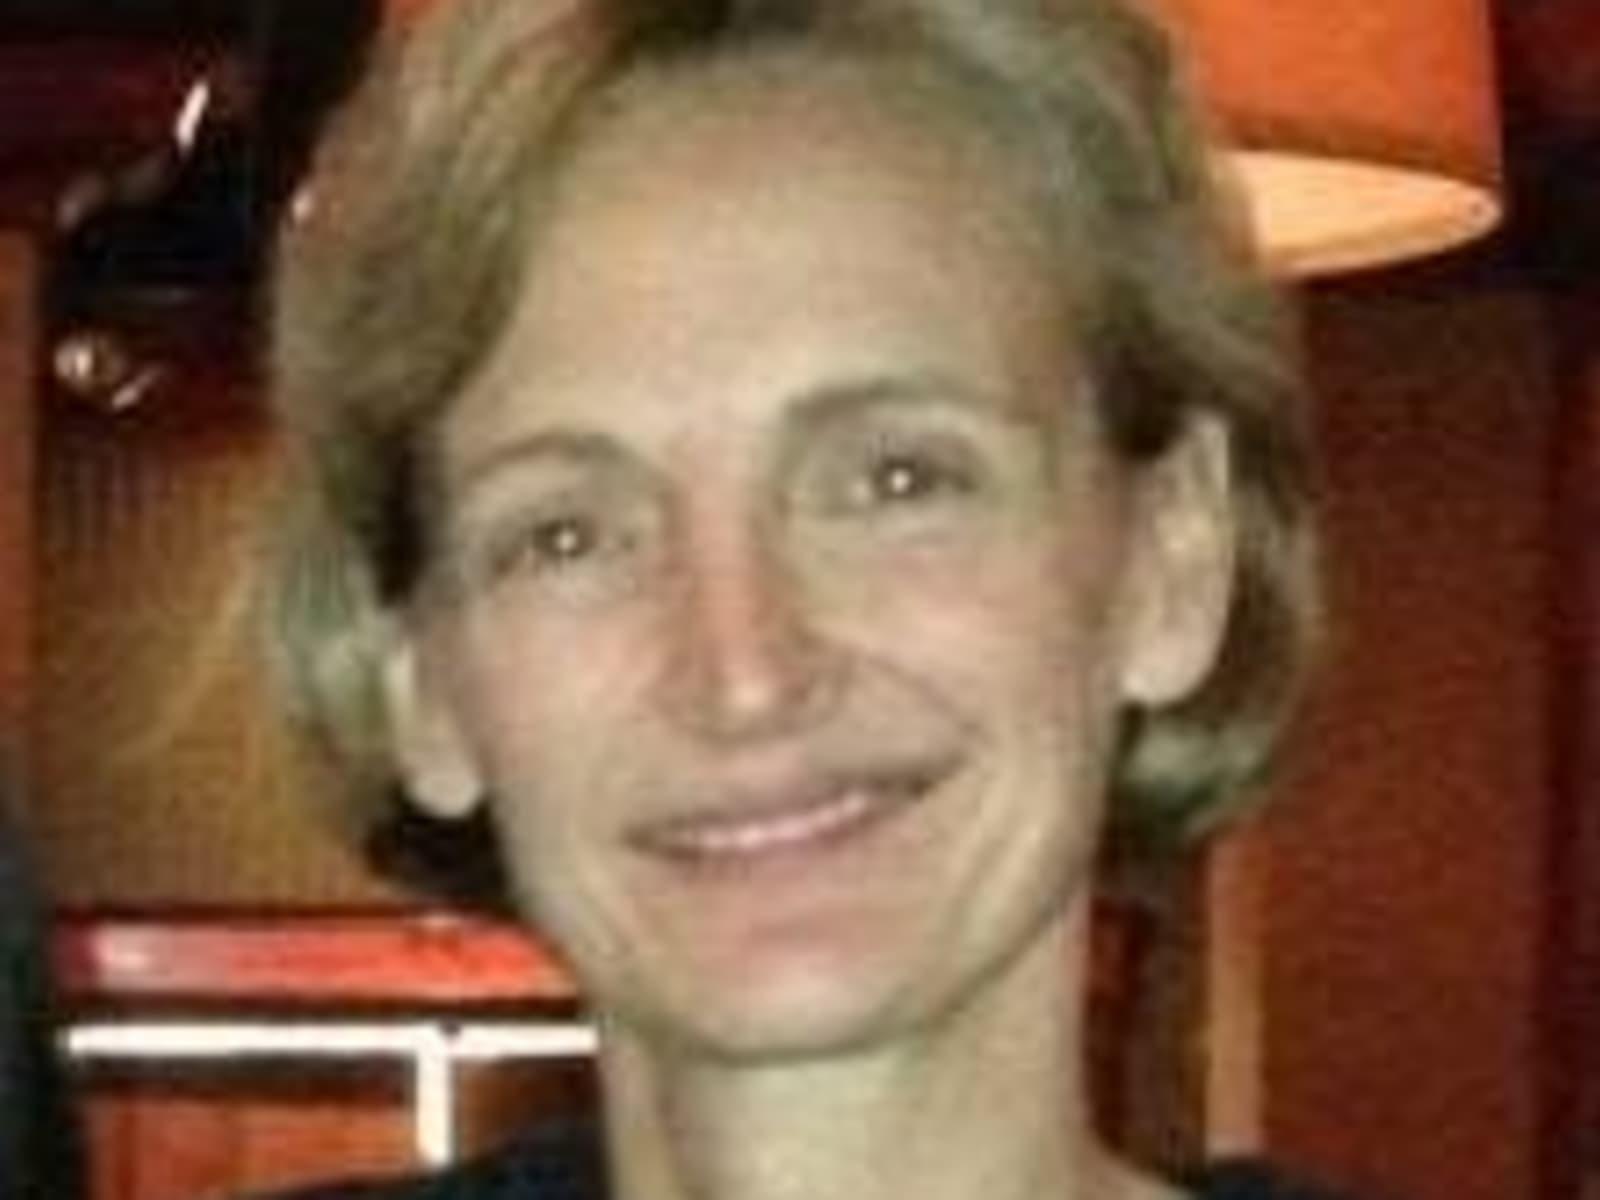 Kimberly from London, United Kingdom